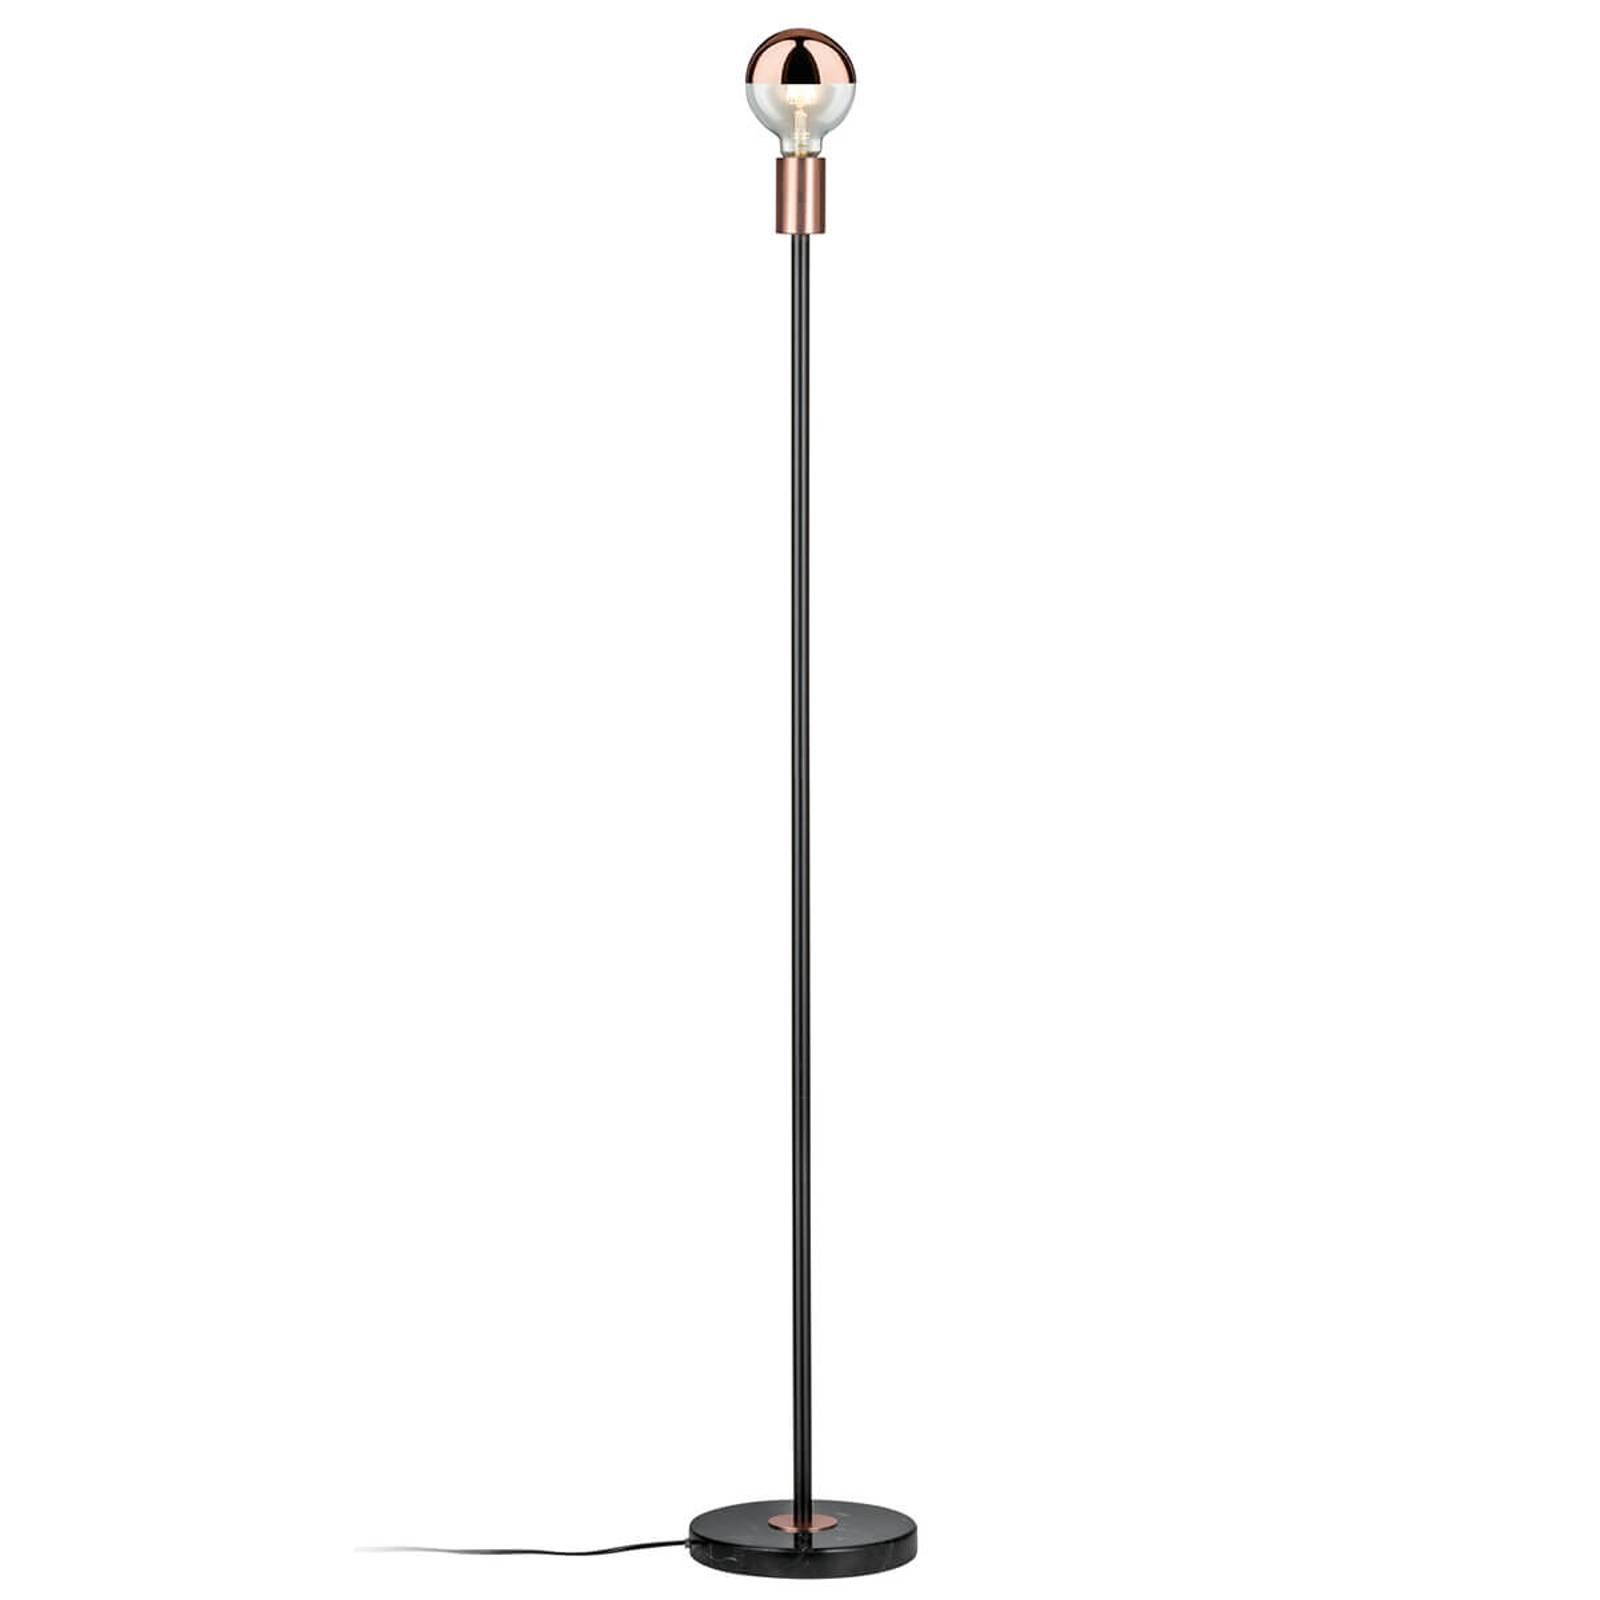 stehlampen von paulmann und andere lampen f r wohnzimmer. Black Bedroom Furniture Sets. Home Design Ideas